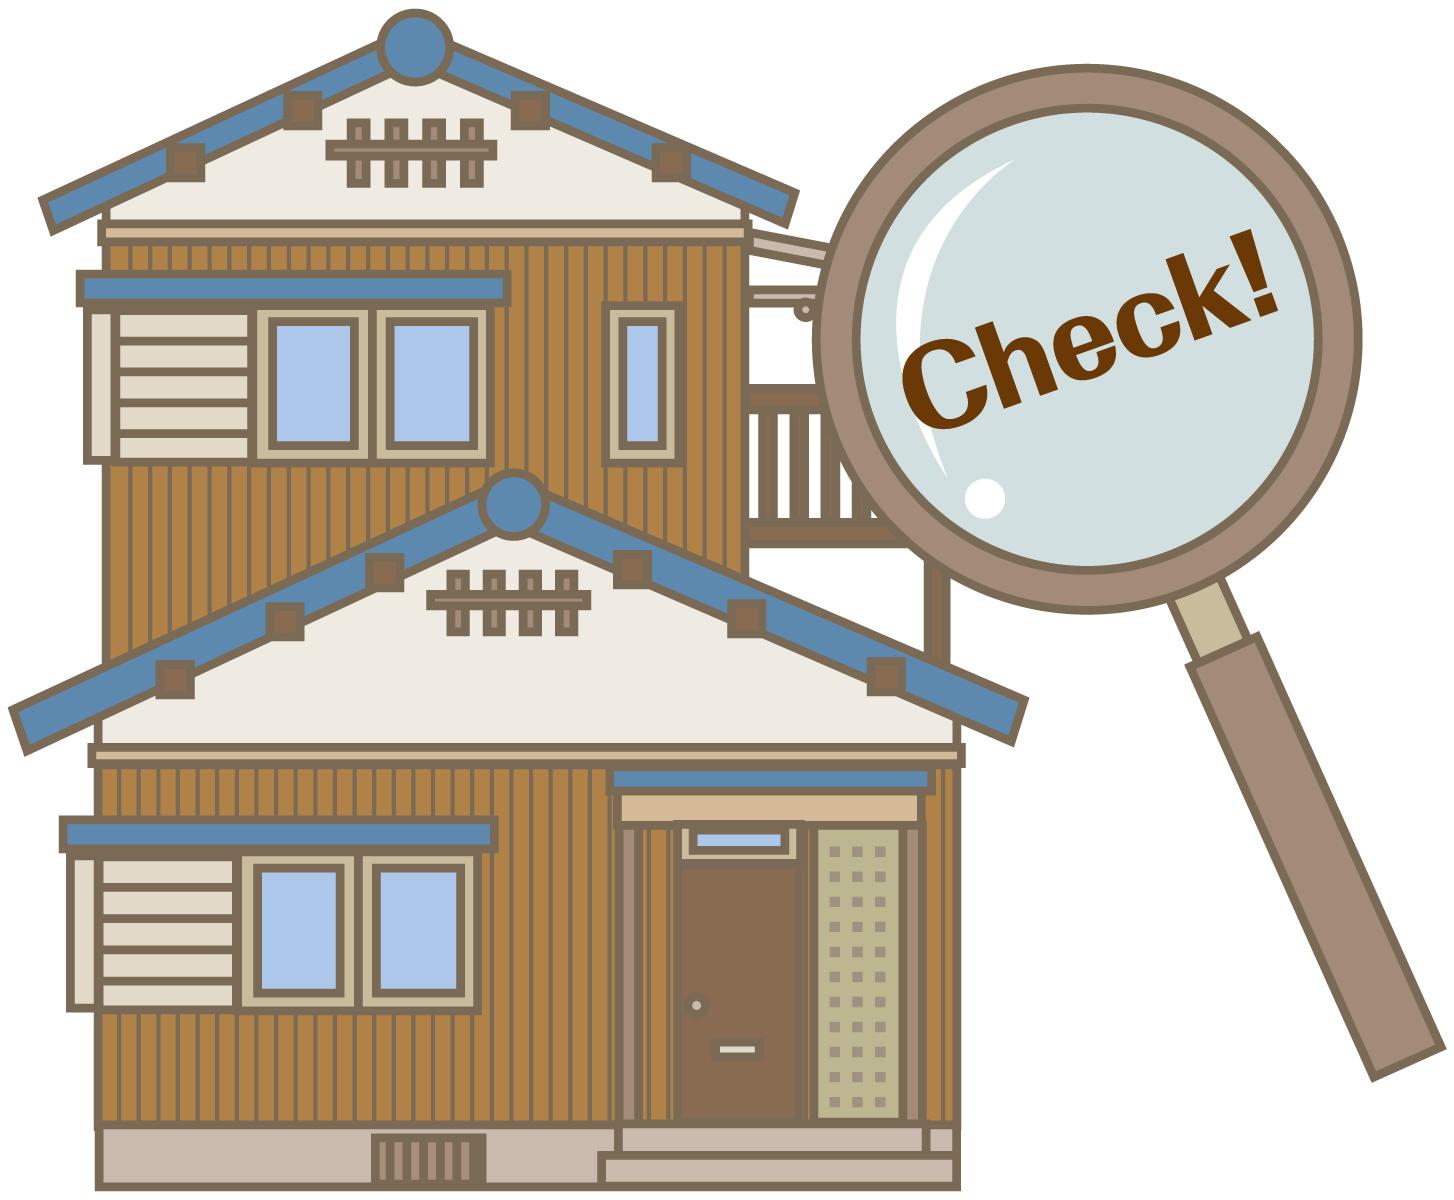 初めて中古住宅を買う時にチェックすべき最低の4つの項目